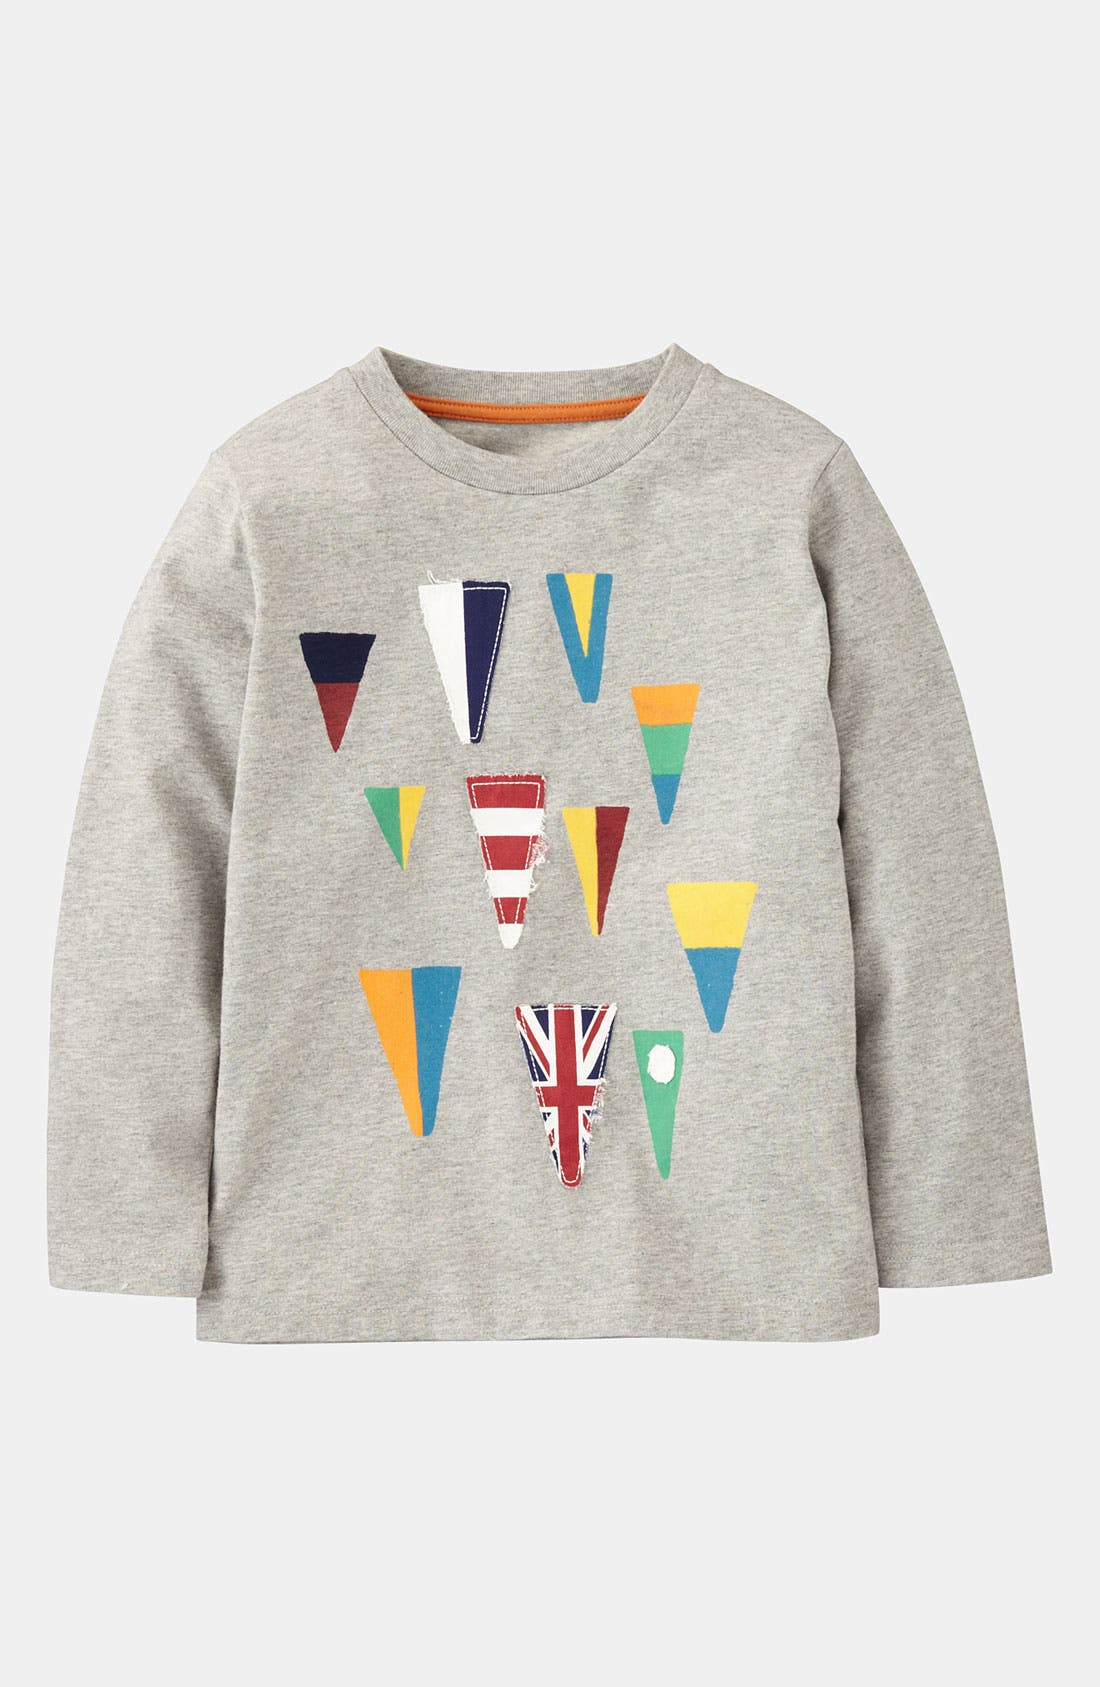 Alternate Image 1 Selected - Mini Boden 'Harbor' T-Shirt (Toddler)